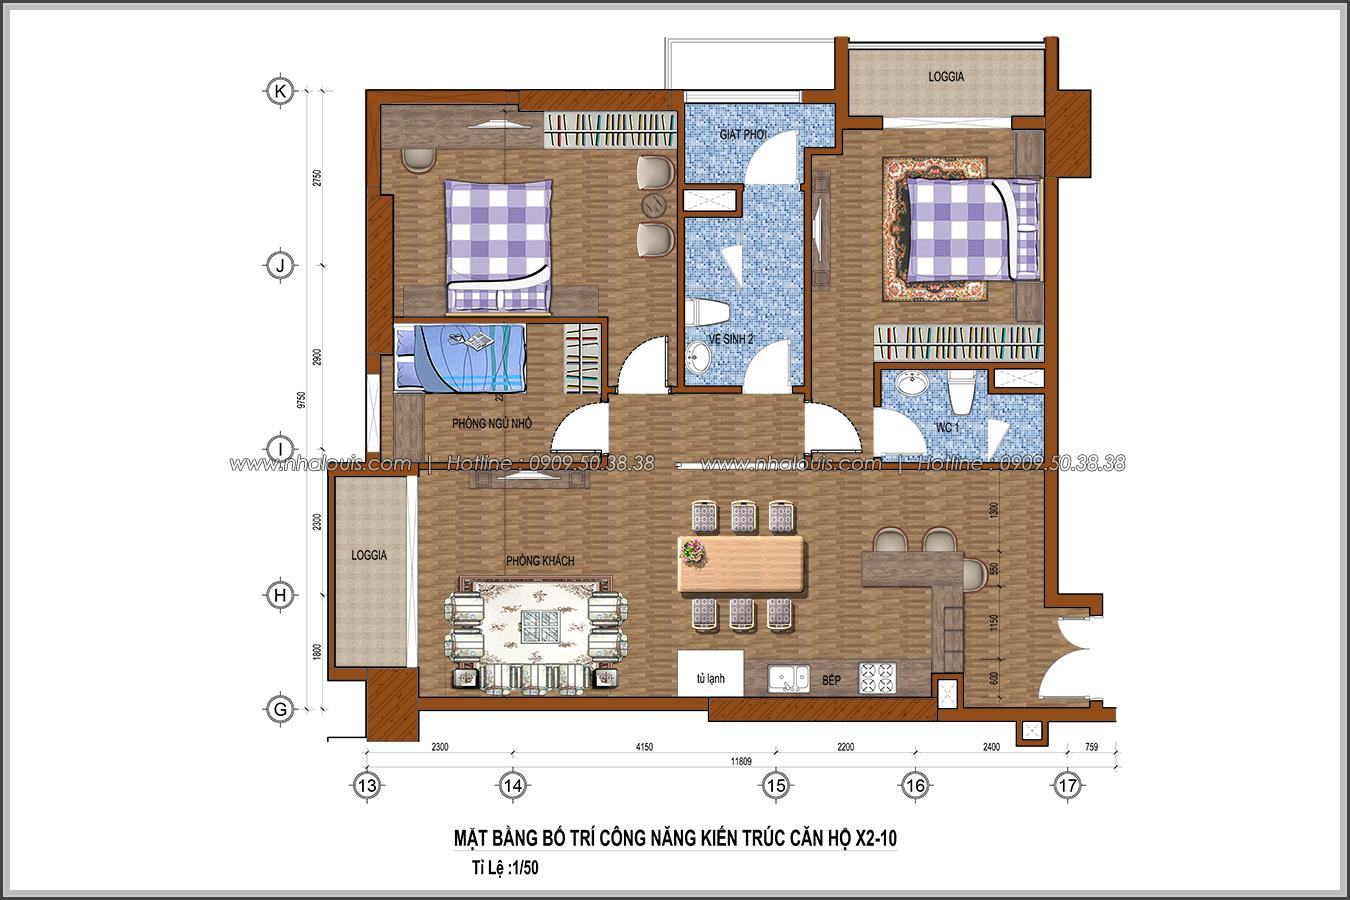 Bị chinh phục với thiết kế nội thất căn hộ Sunrise City đẹp sang trọng - 15